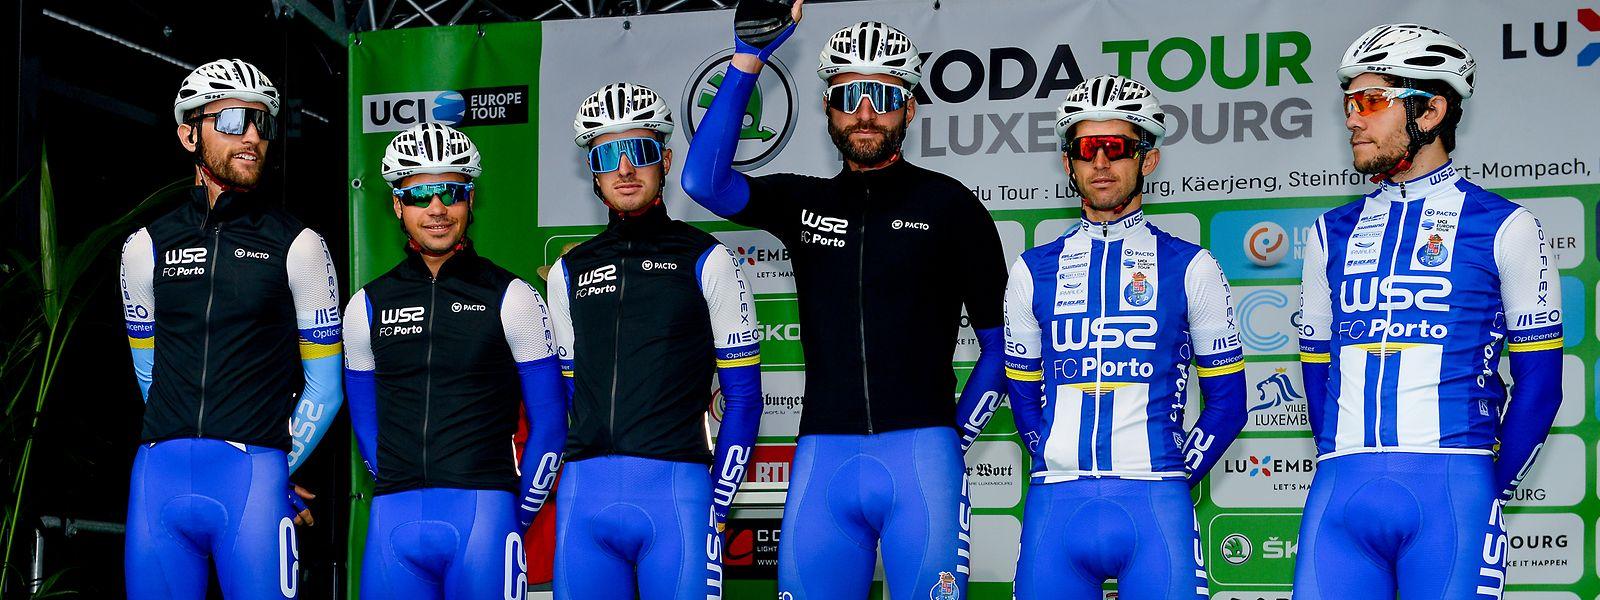 """Parte da equipa do """"W52 FC Porto"""" no Skoda Tour de Luxembourg do ano passado."""